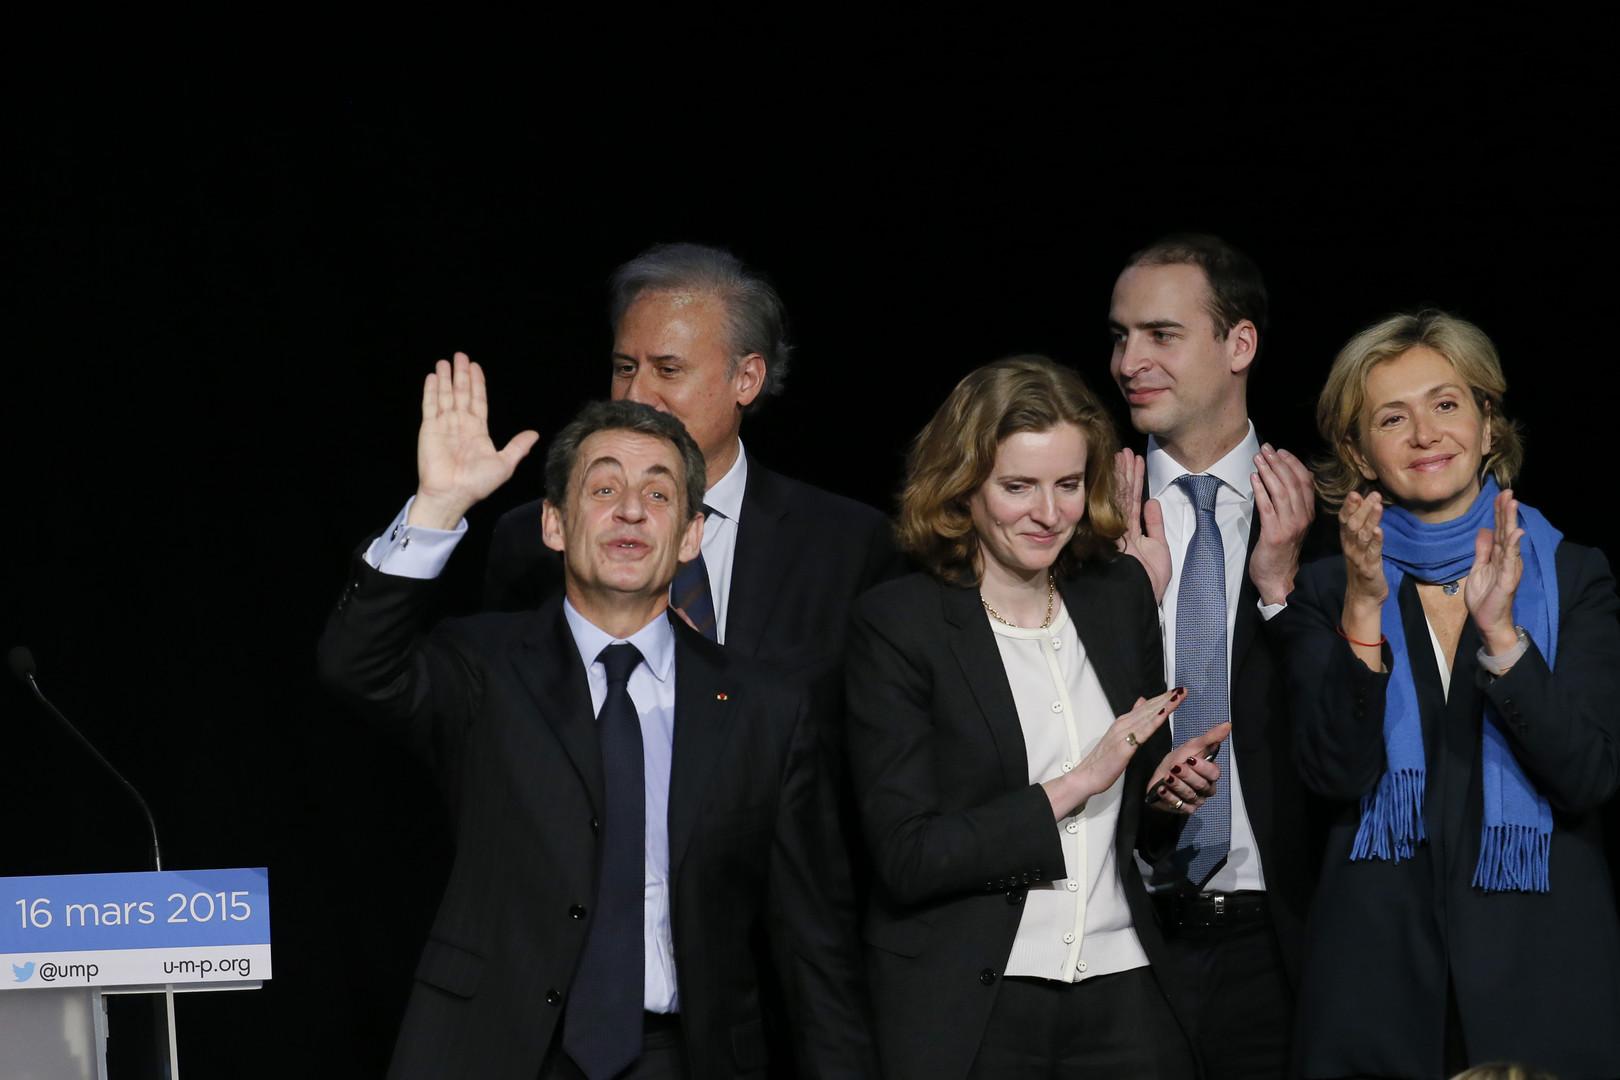 «Folle» contre «pathétique», entre Nathalie Kosciusko-Morizet et Nicolas Sarkozy, c'est la guerre.